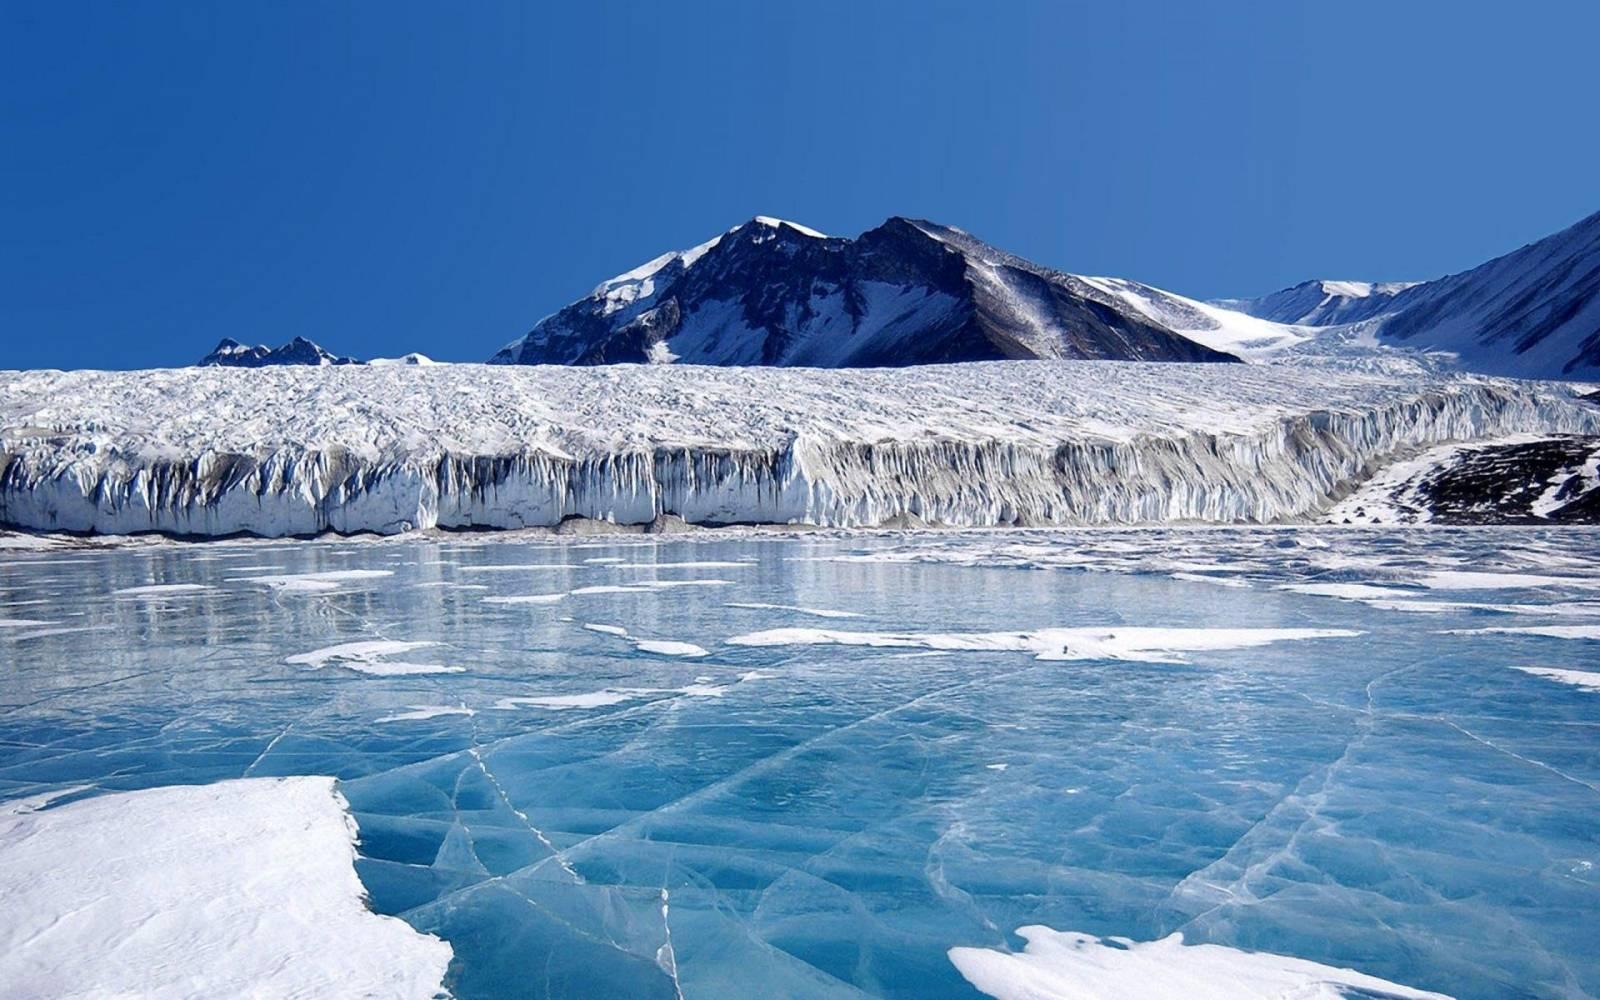 южный полюс зимние фотографии эра